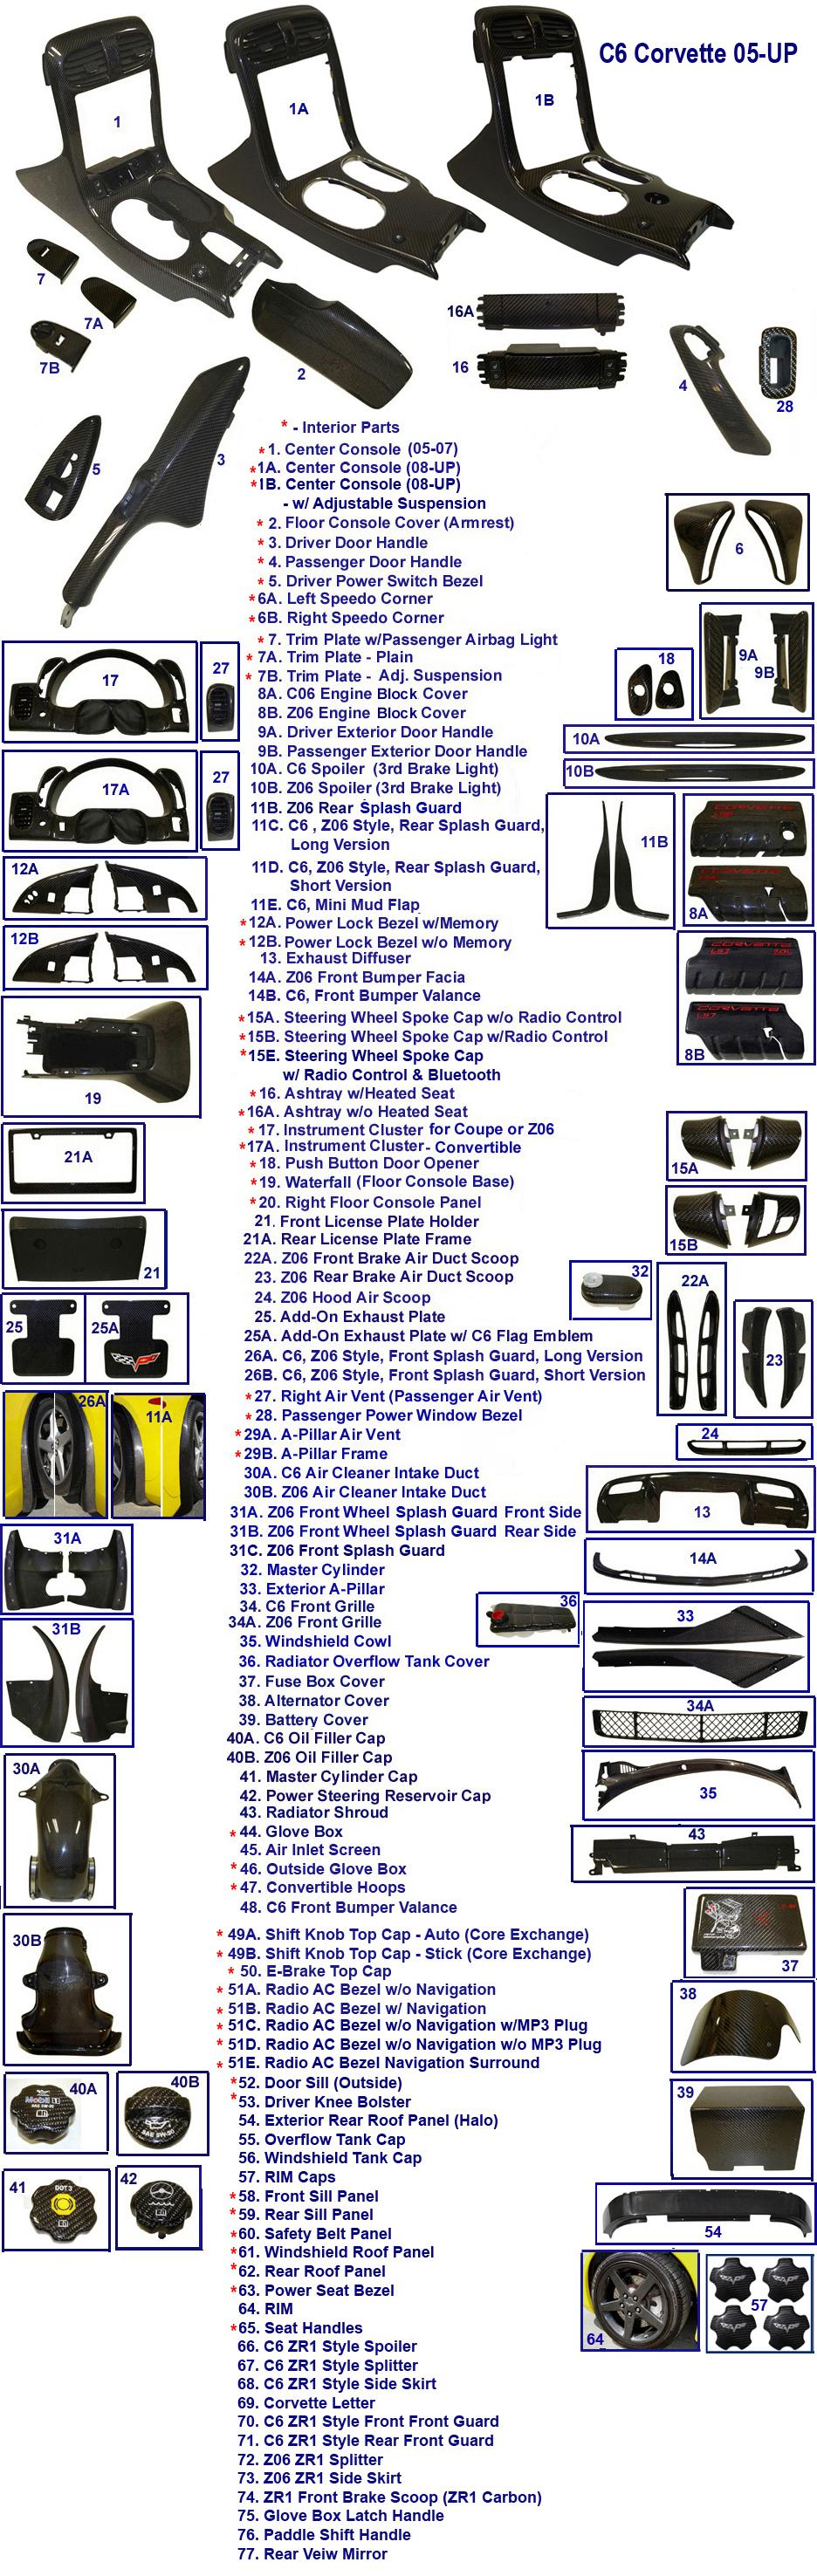 bmw x3 car audio wiring diagram car audio wiring diagram 1 sub 4 speakers c6 corvette front diagram corvette auto parts catalog